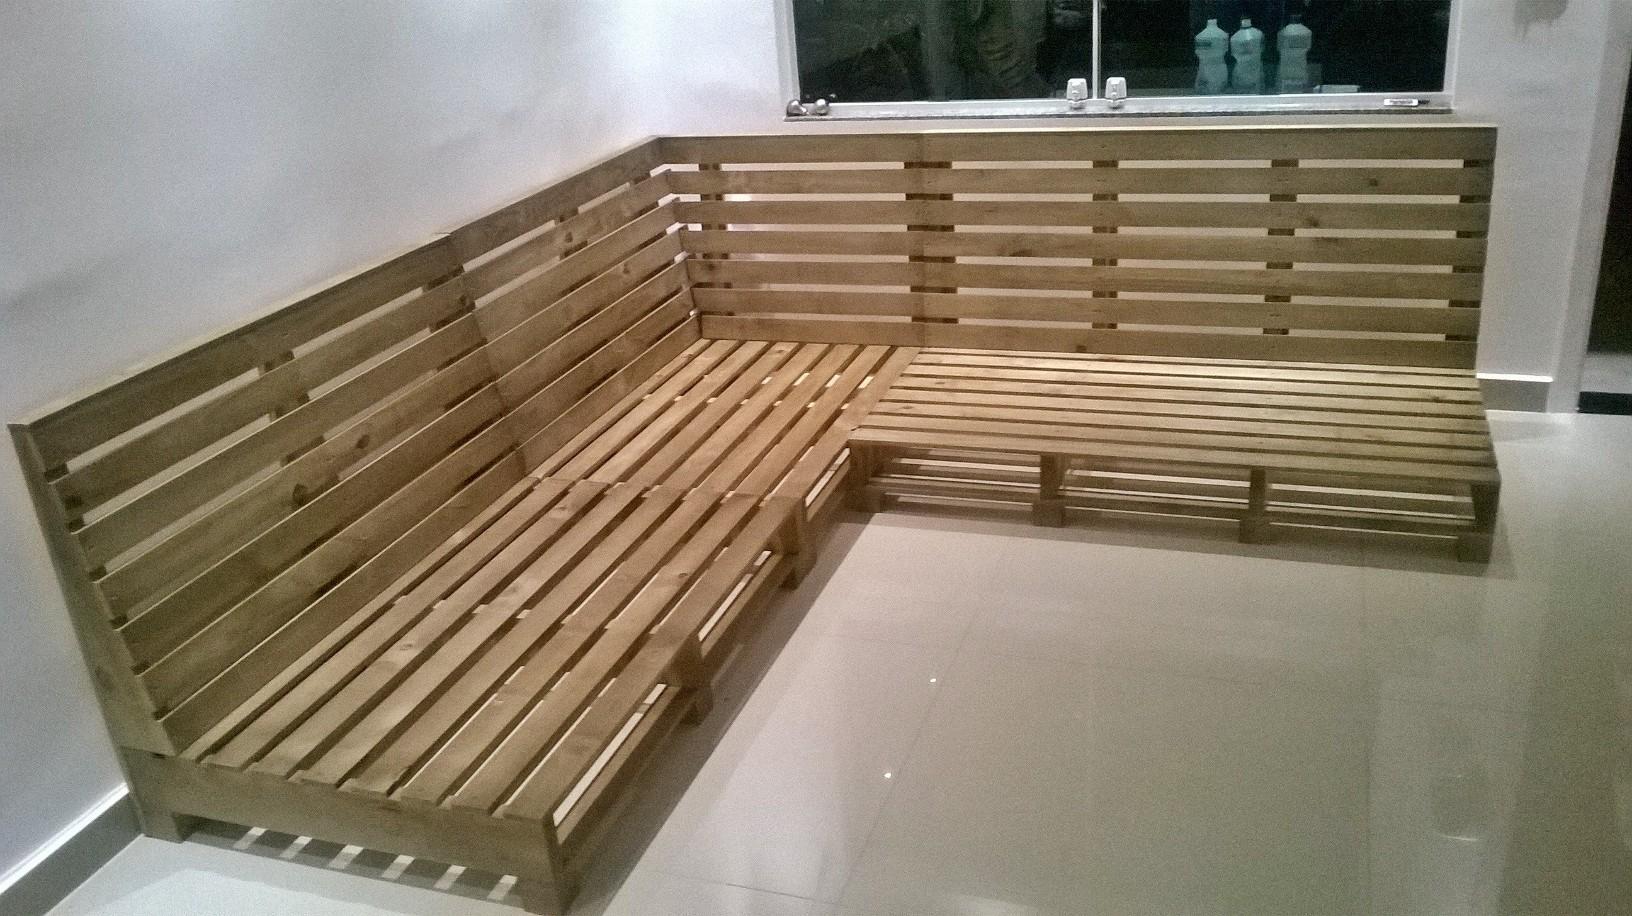 para base para sofás base para colchão paineis para tv mesas de  #614D30 1632x916